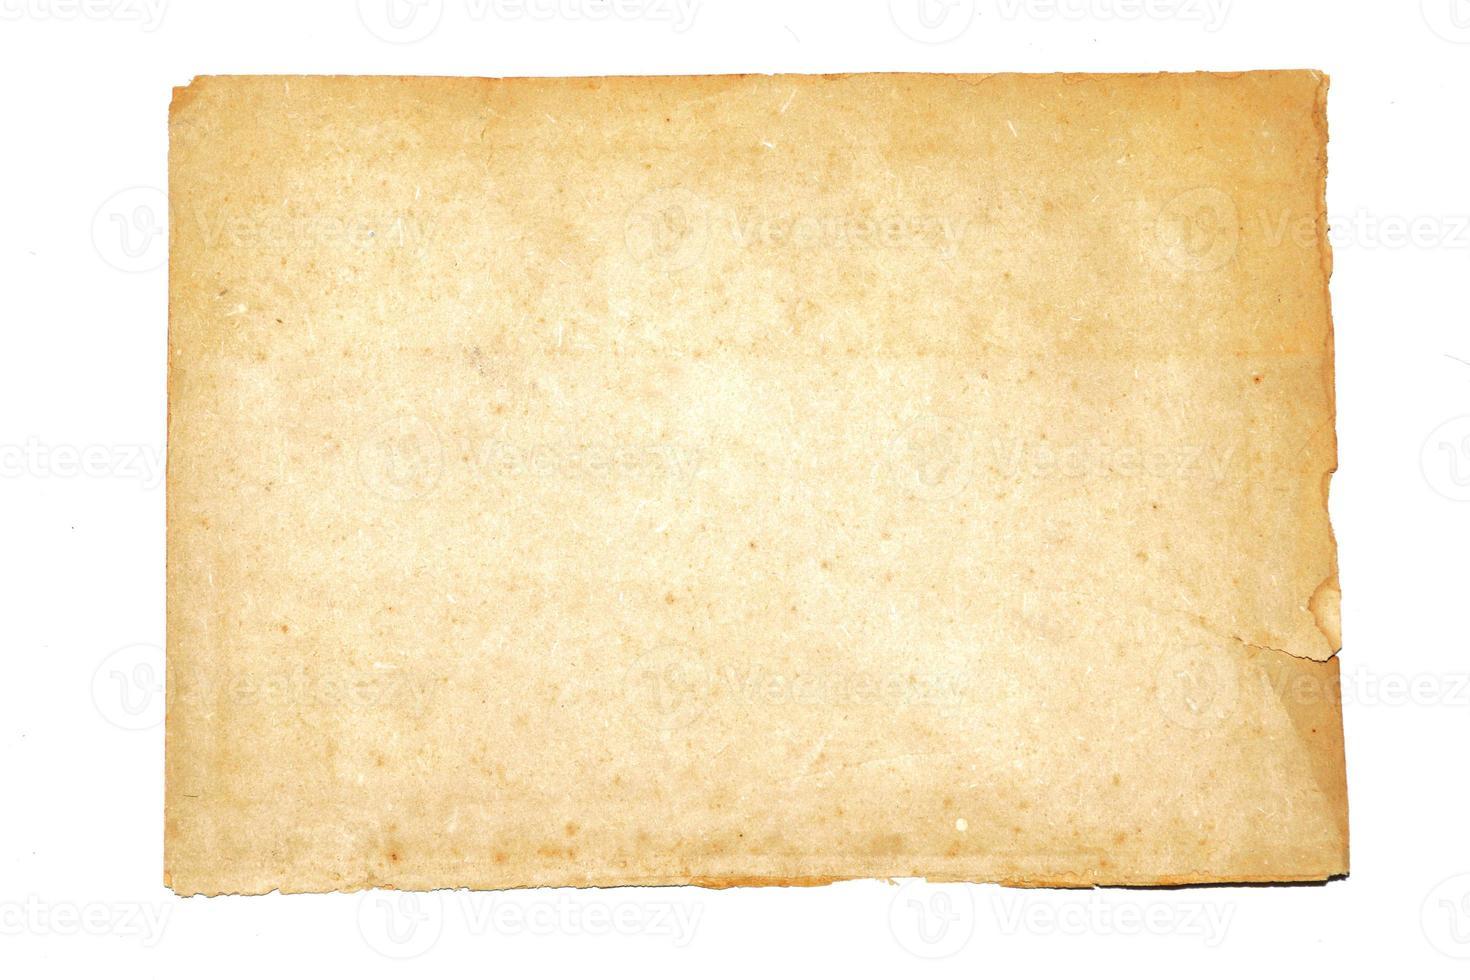 Nota de papel aislar sobre fondo blanco. foto